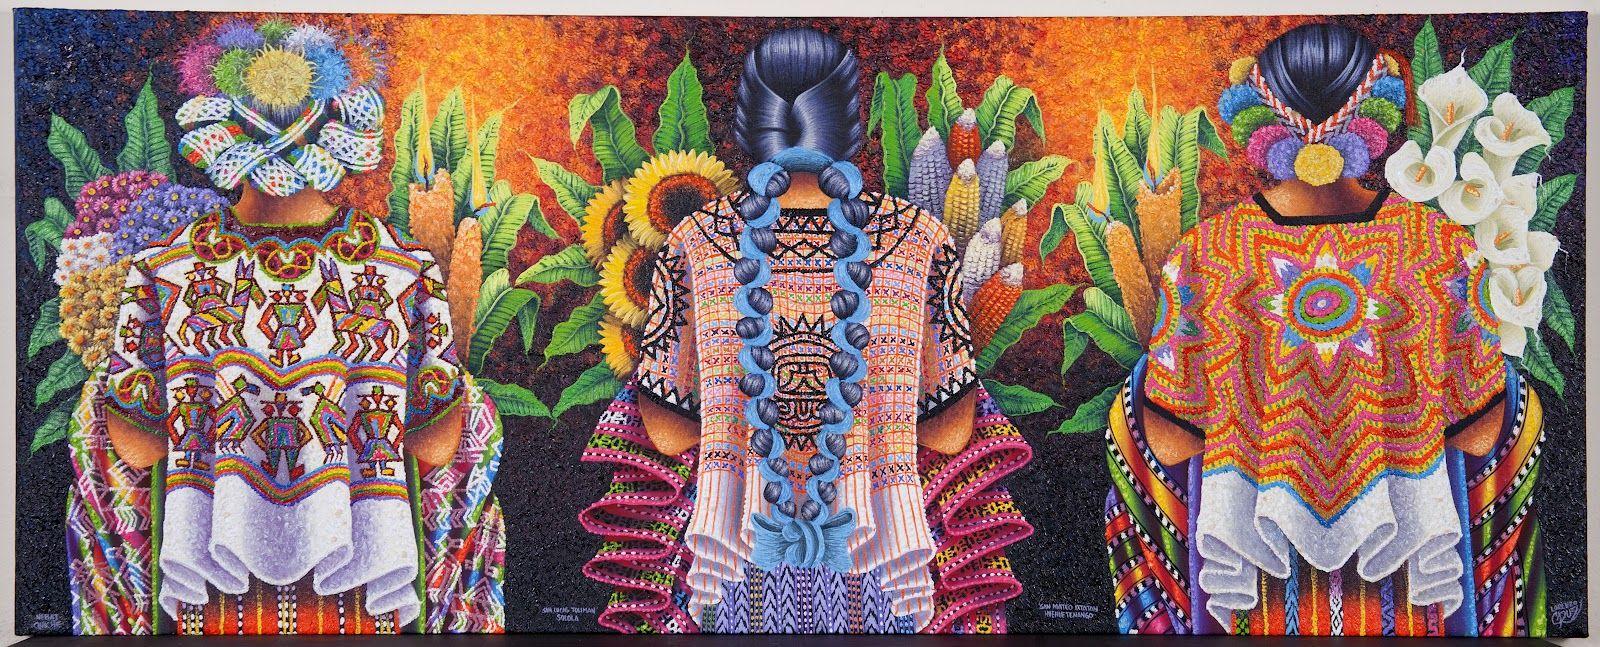 Girasoles y flores. Guatemala. Lorenzo cruz sunu.